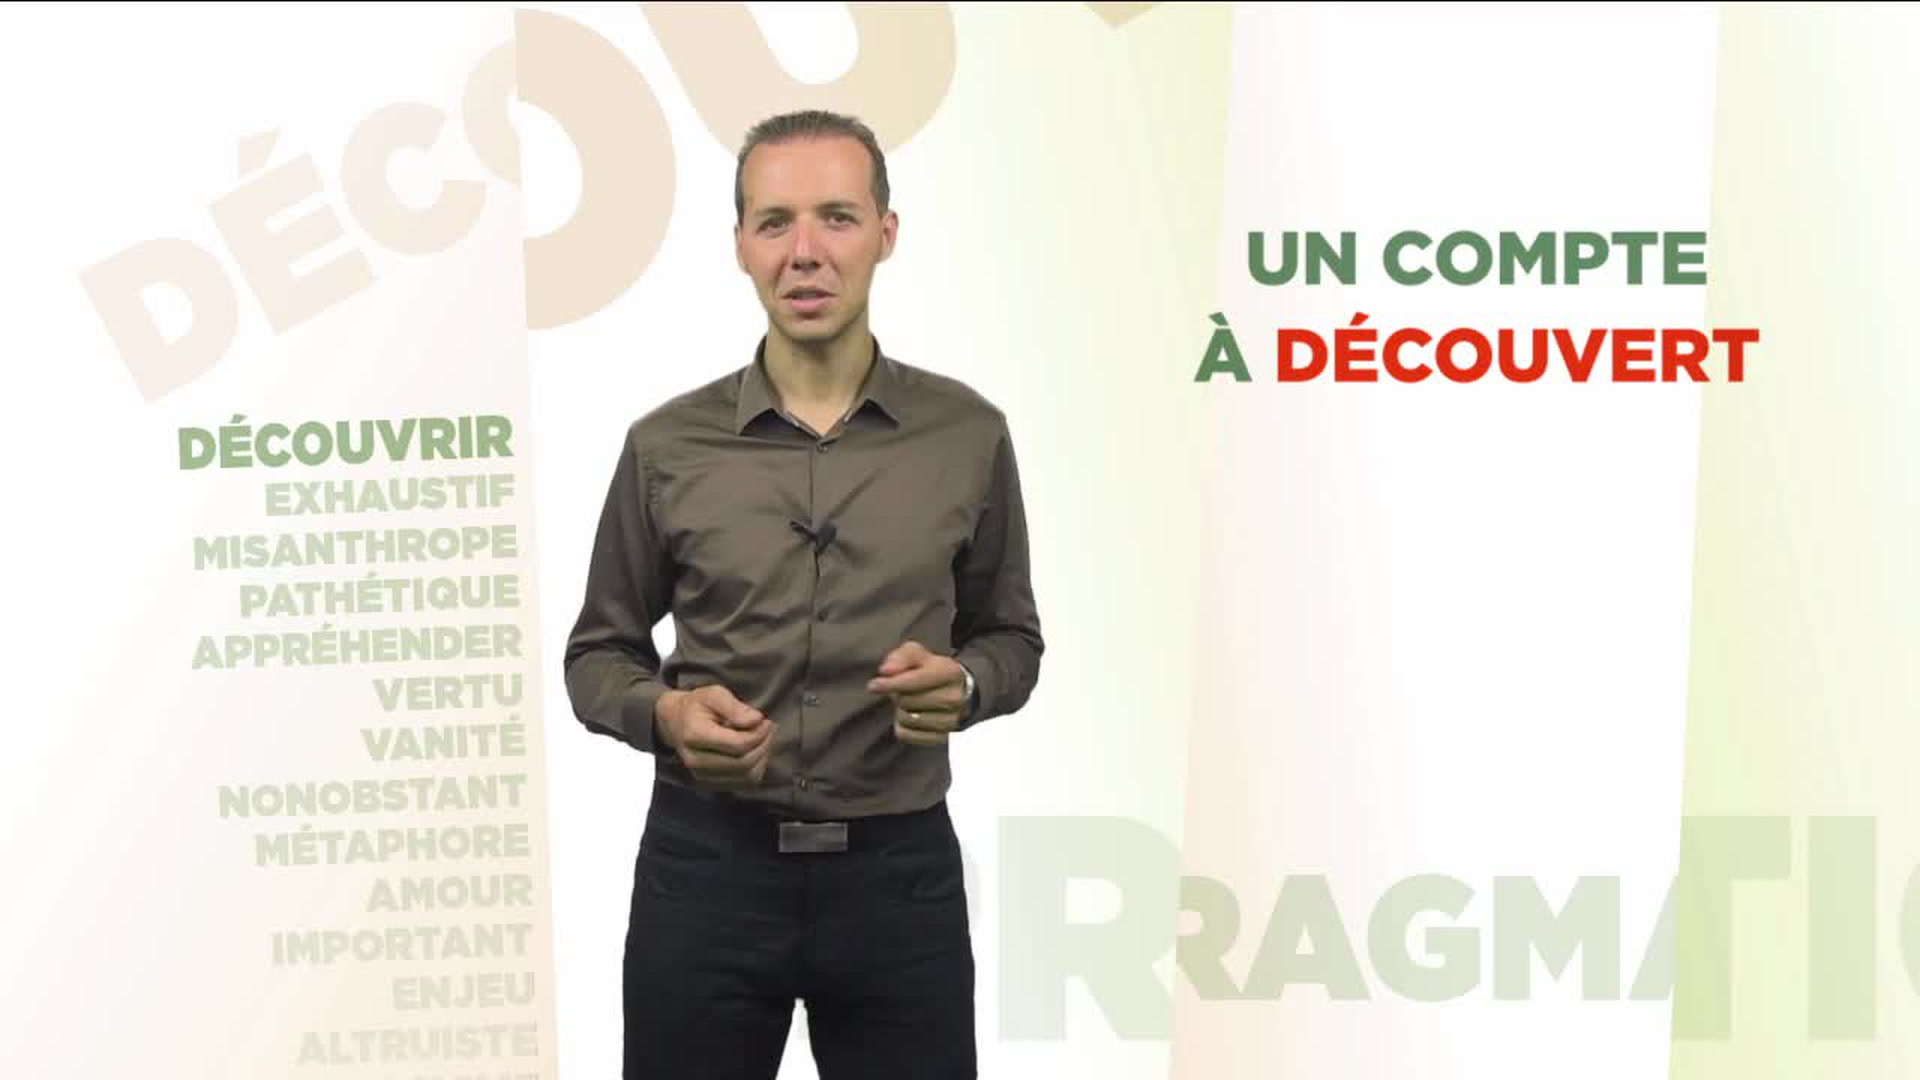 Decouvrir Definition Du Verbe Simple Et Facile Du Dictionnaire